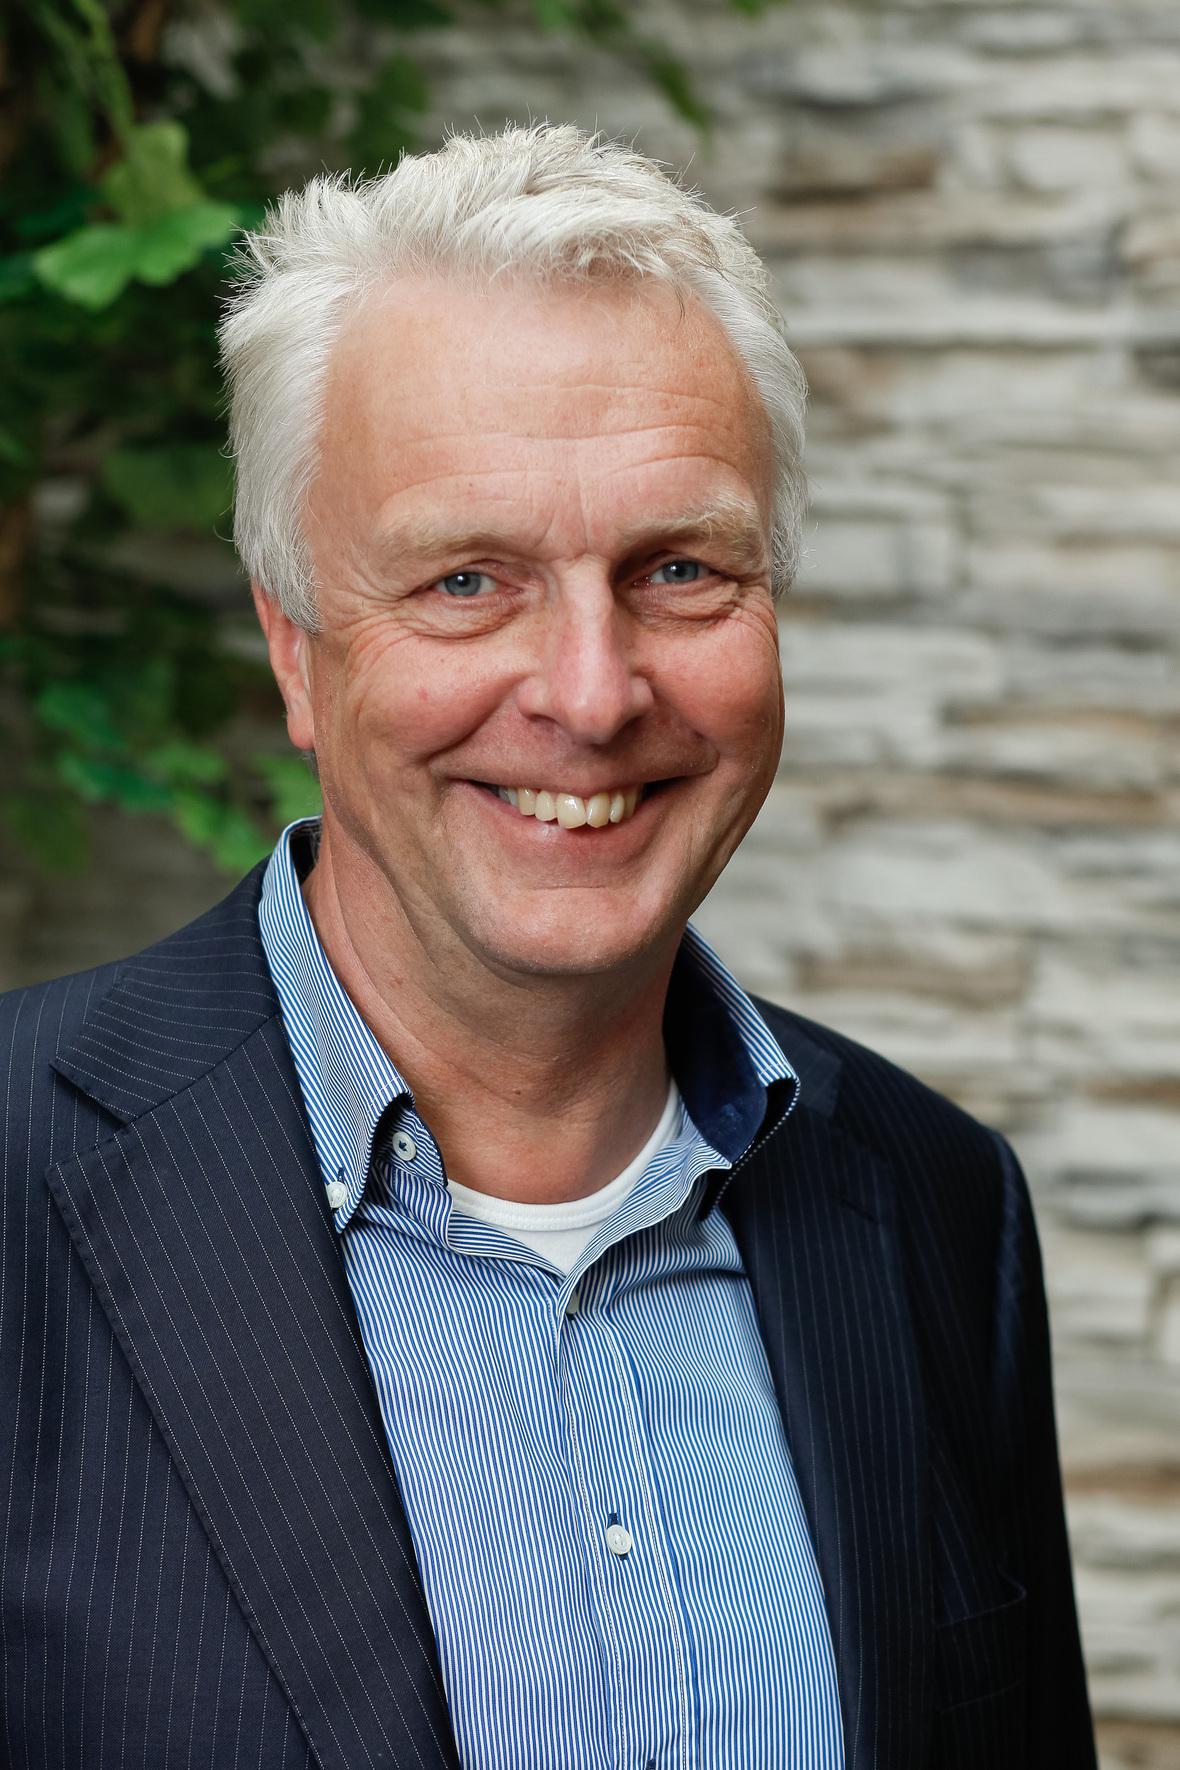 Hans Dolman